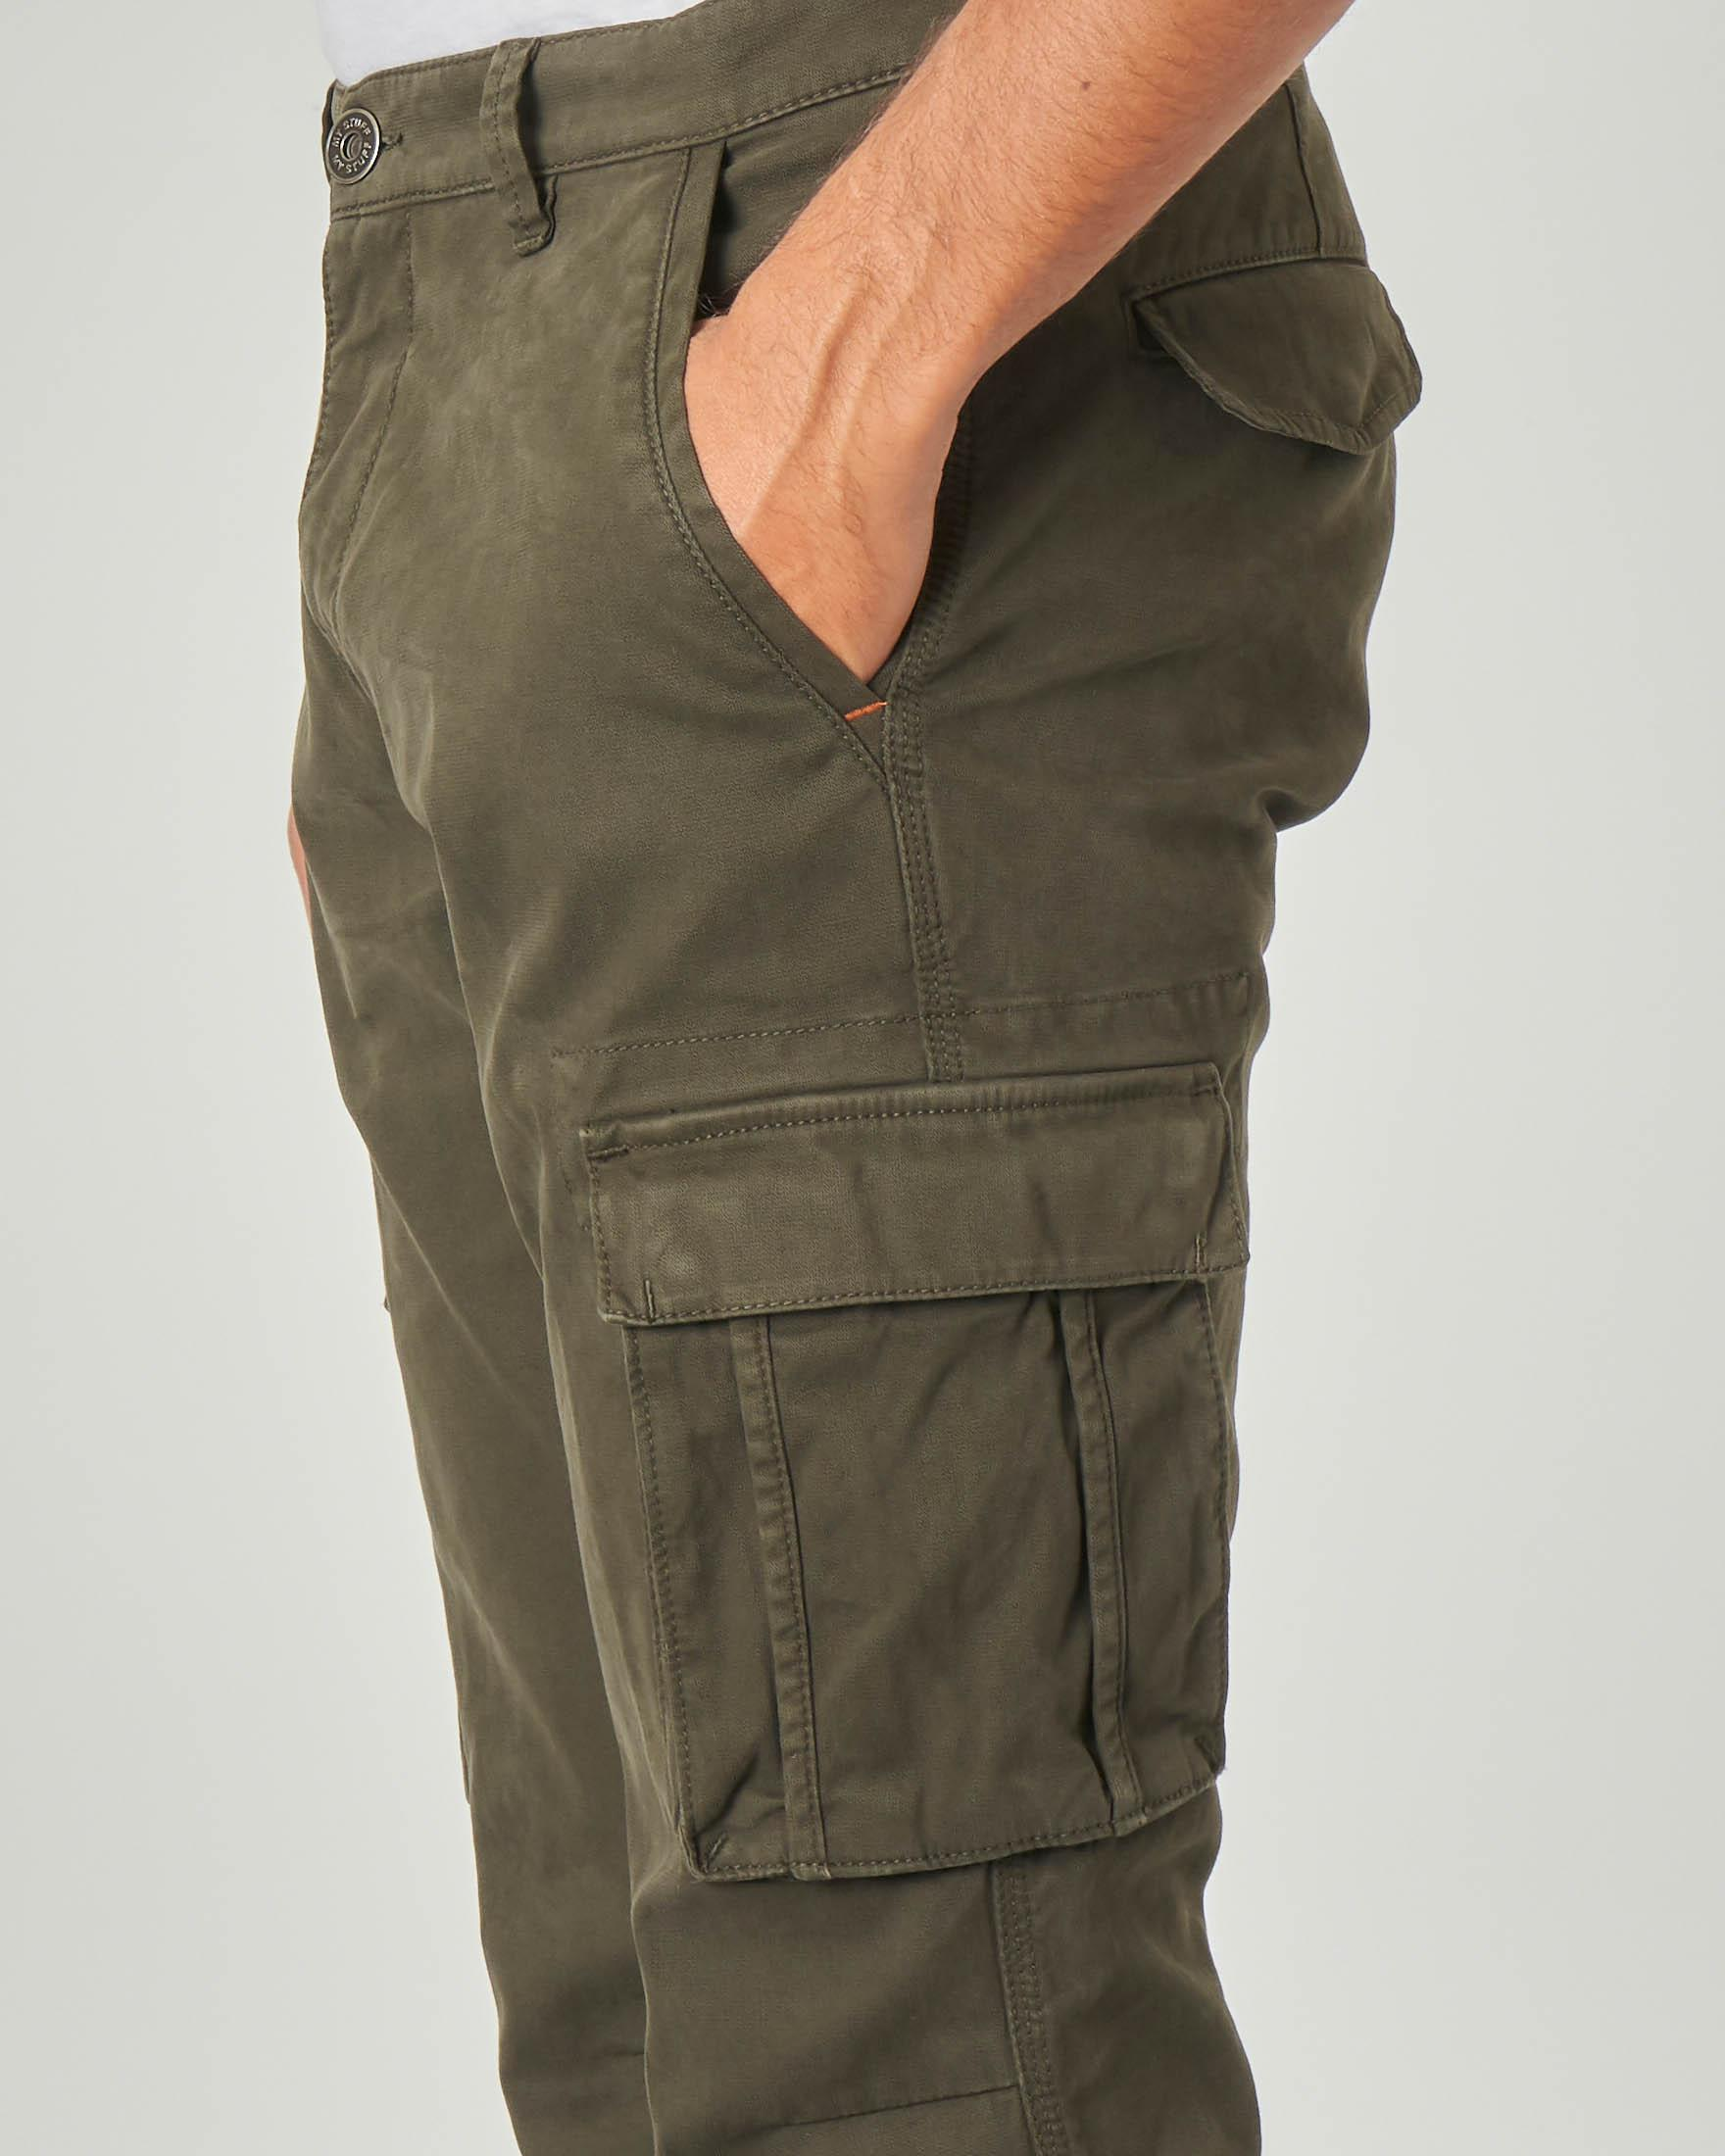 Pantalone tasconato verde militare | Pellizzari E commerce